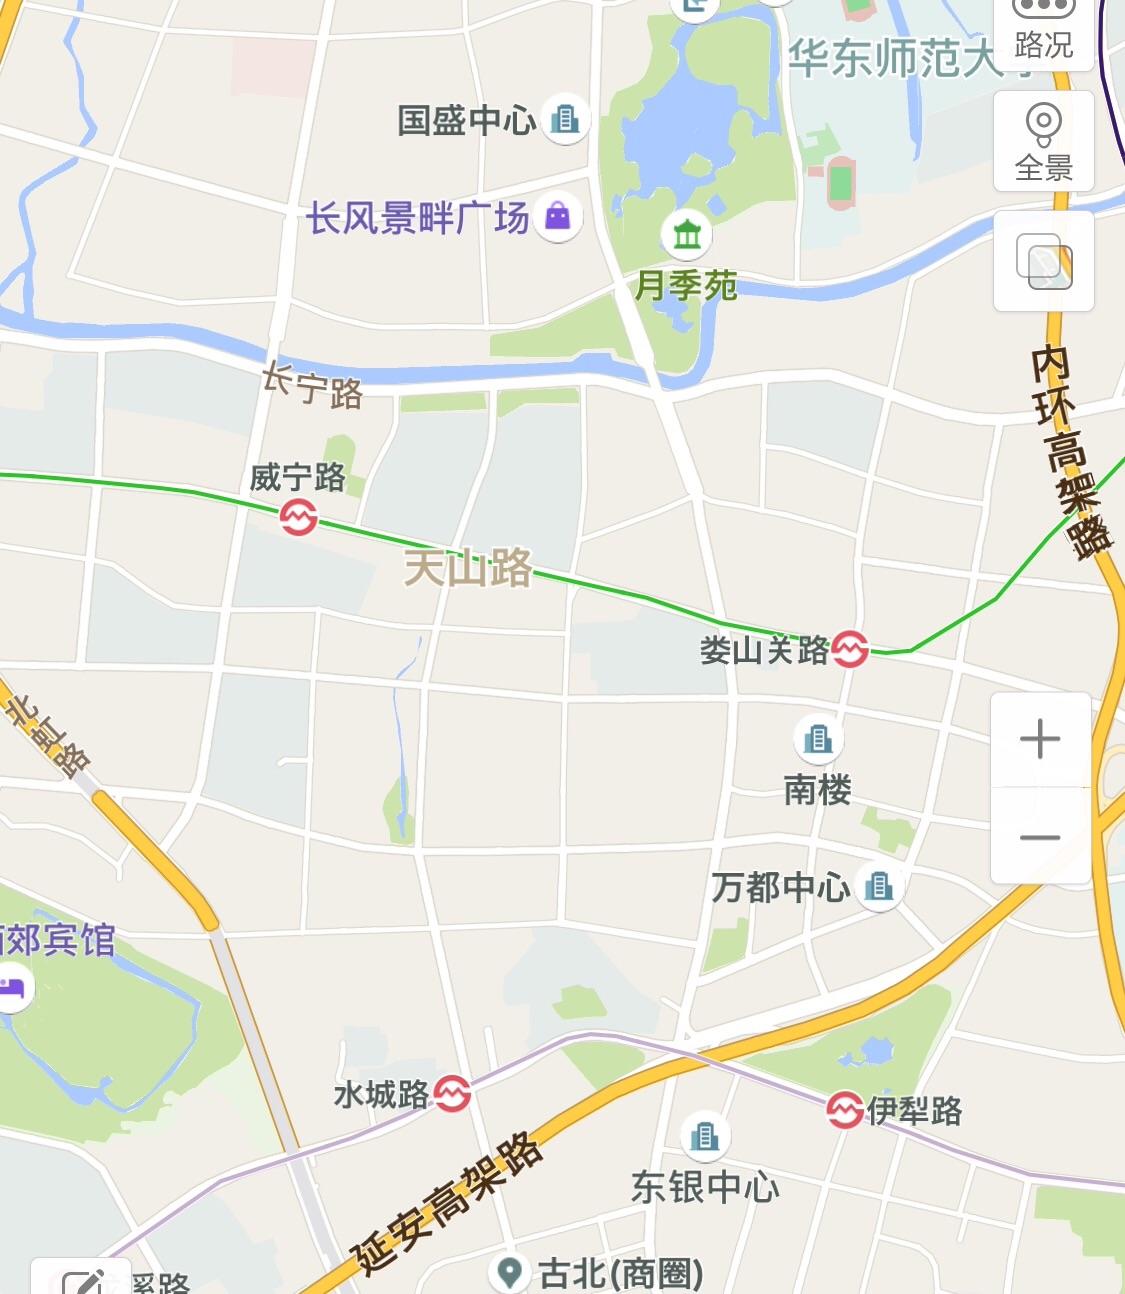 上海古北地図